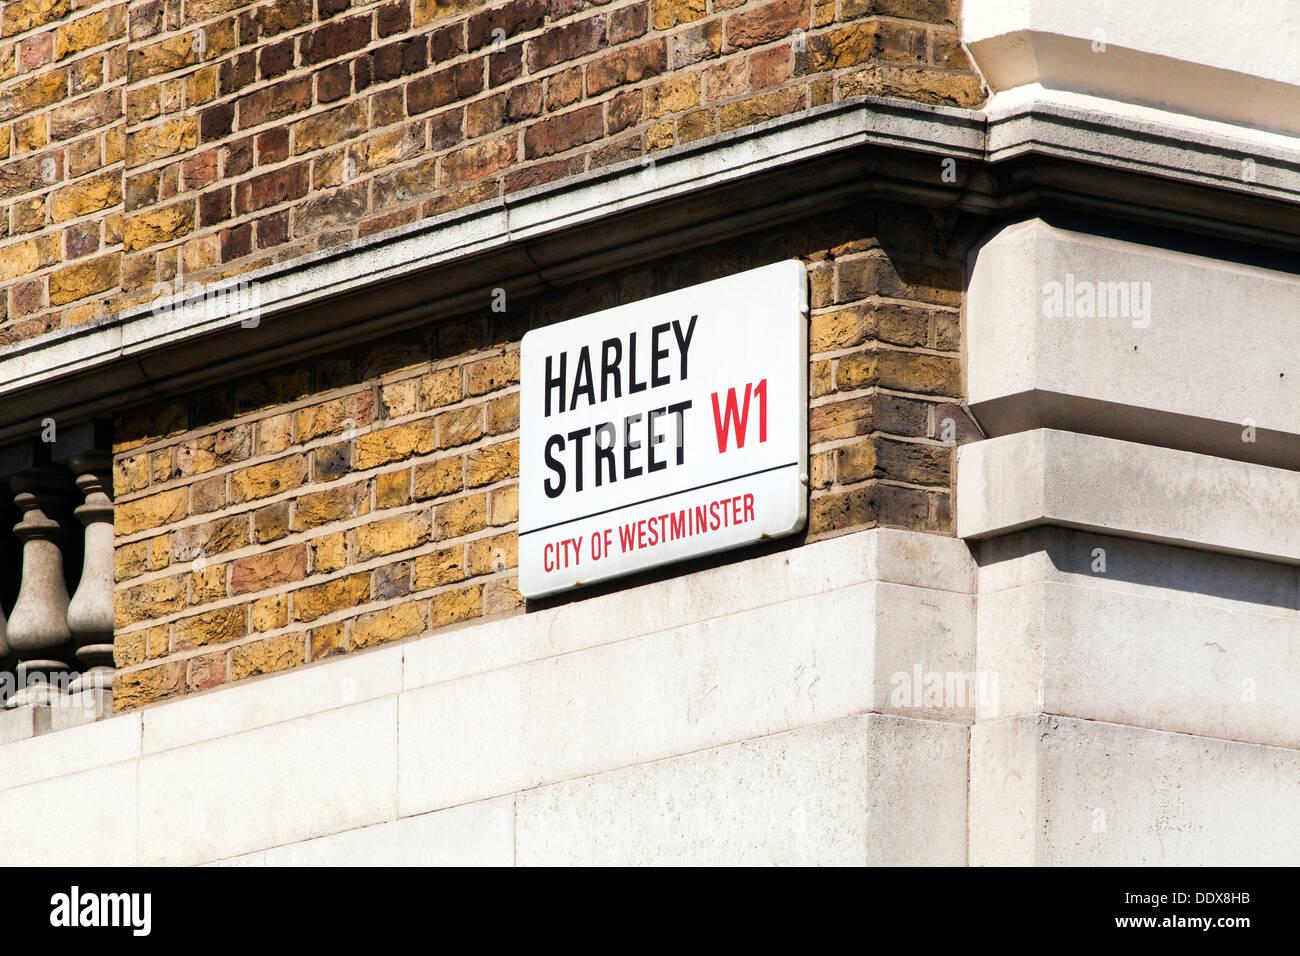 Harley Street London, ubicación de muchos consultores médicos privados. Imagen De Stock